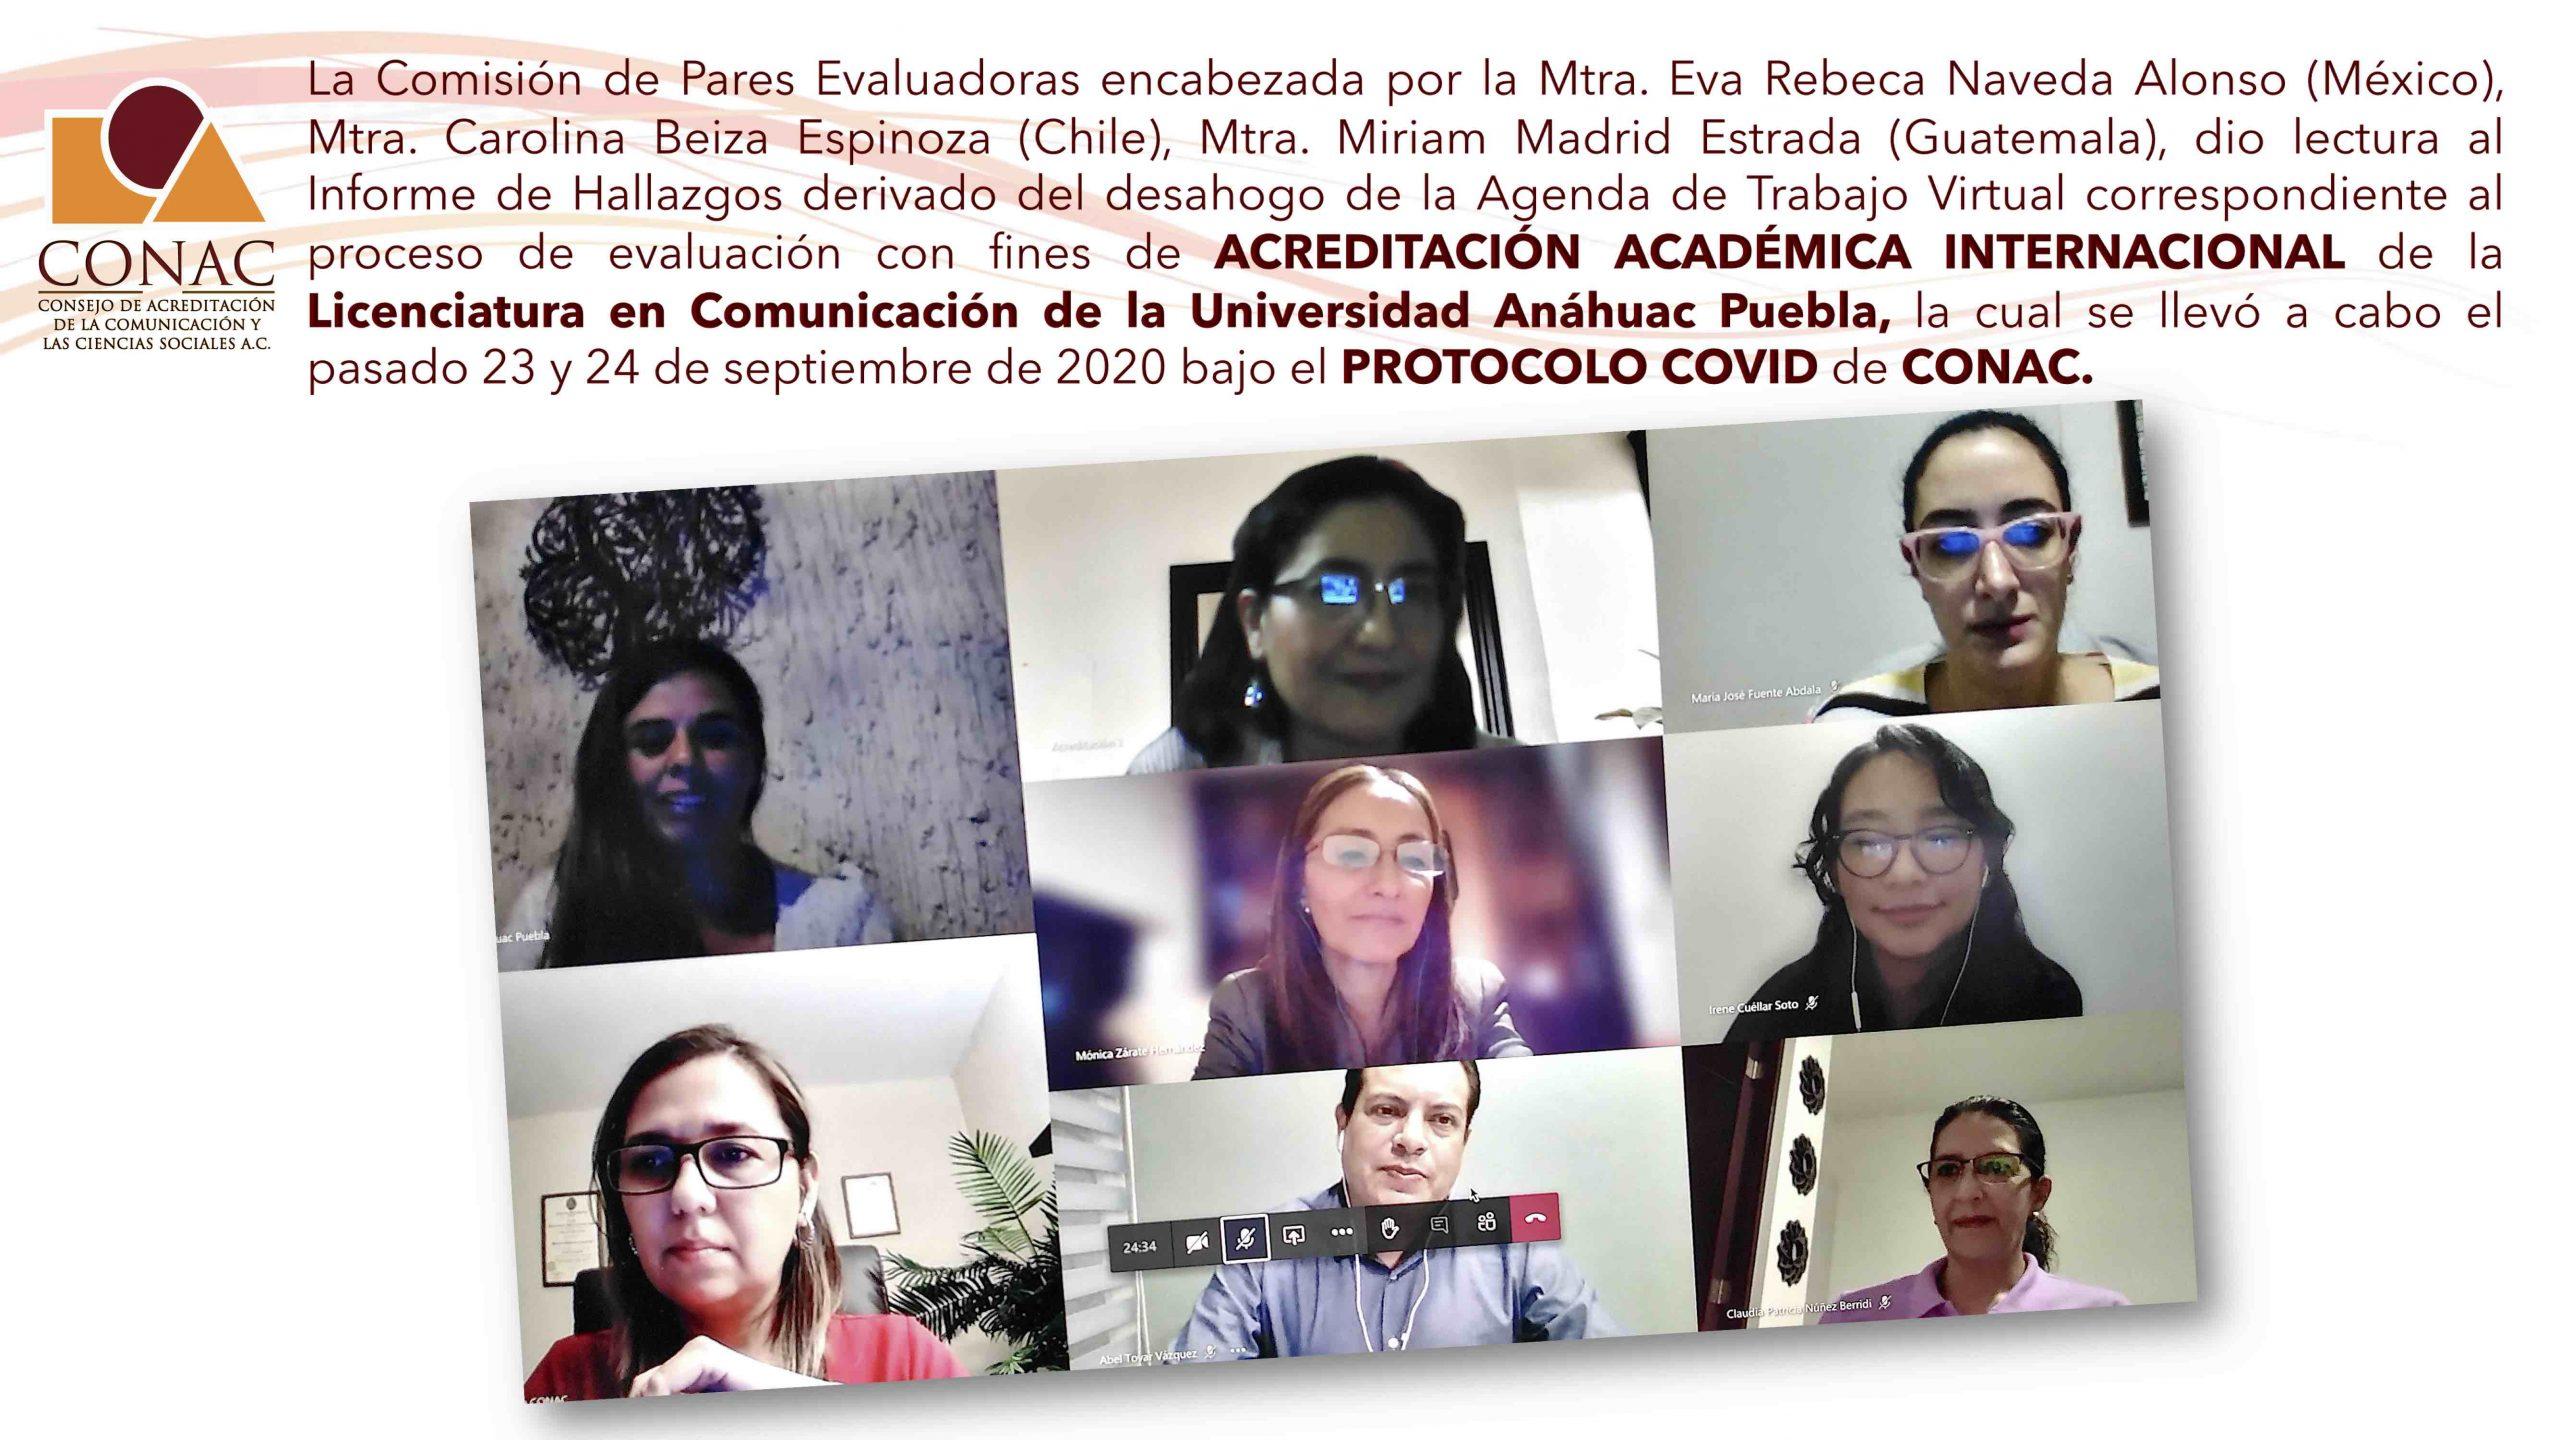 Informe de hallazgos U. Anáhuac Pue Comunicación